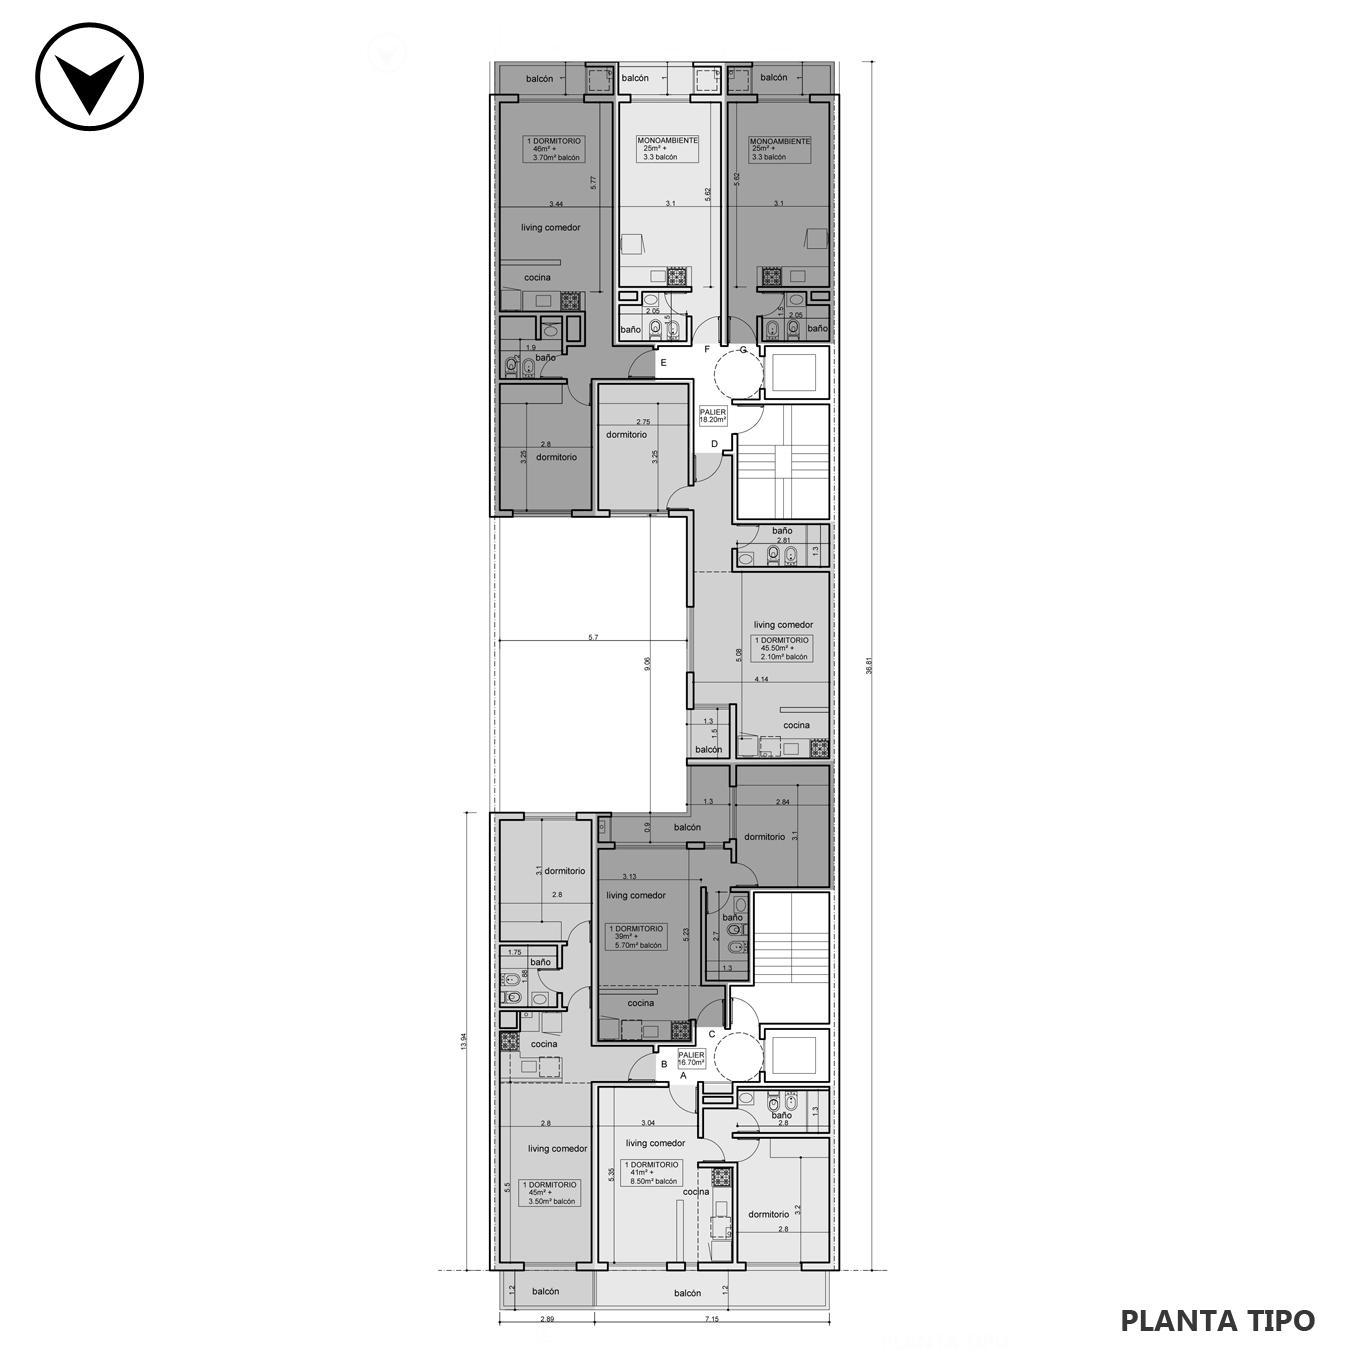 Venta departamento 1 dormitorio Rosario, Centro. Cod CBU24743 AP2302084. Crestale Propiedades